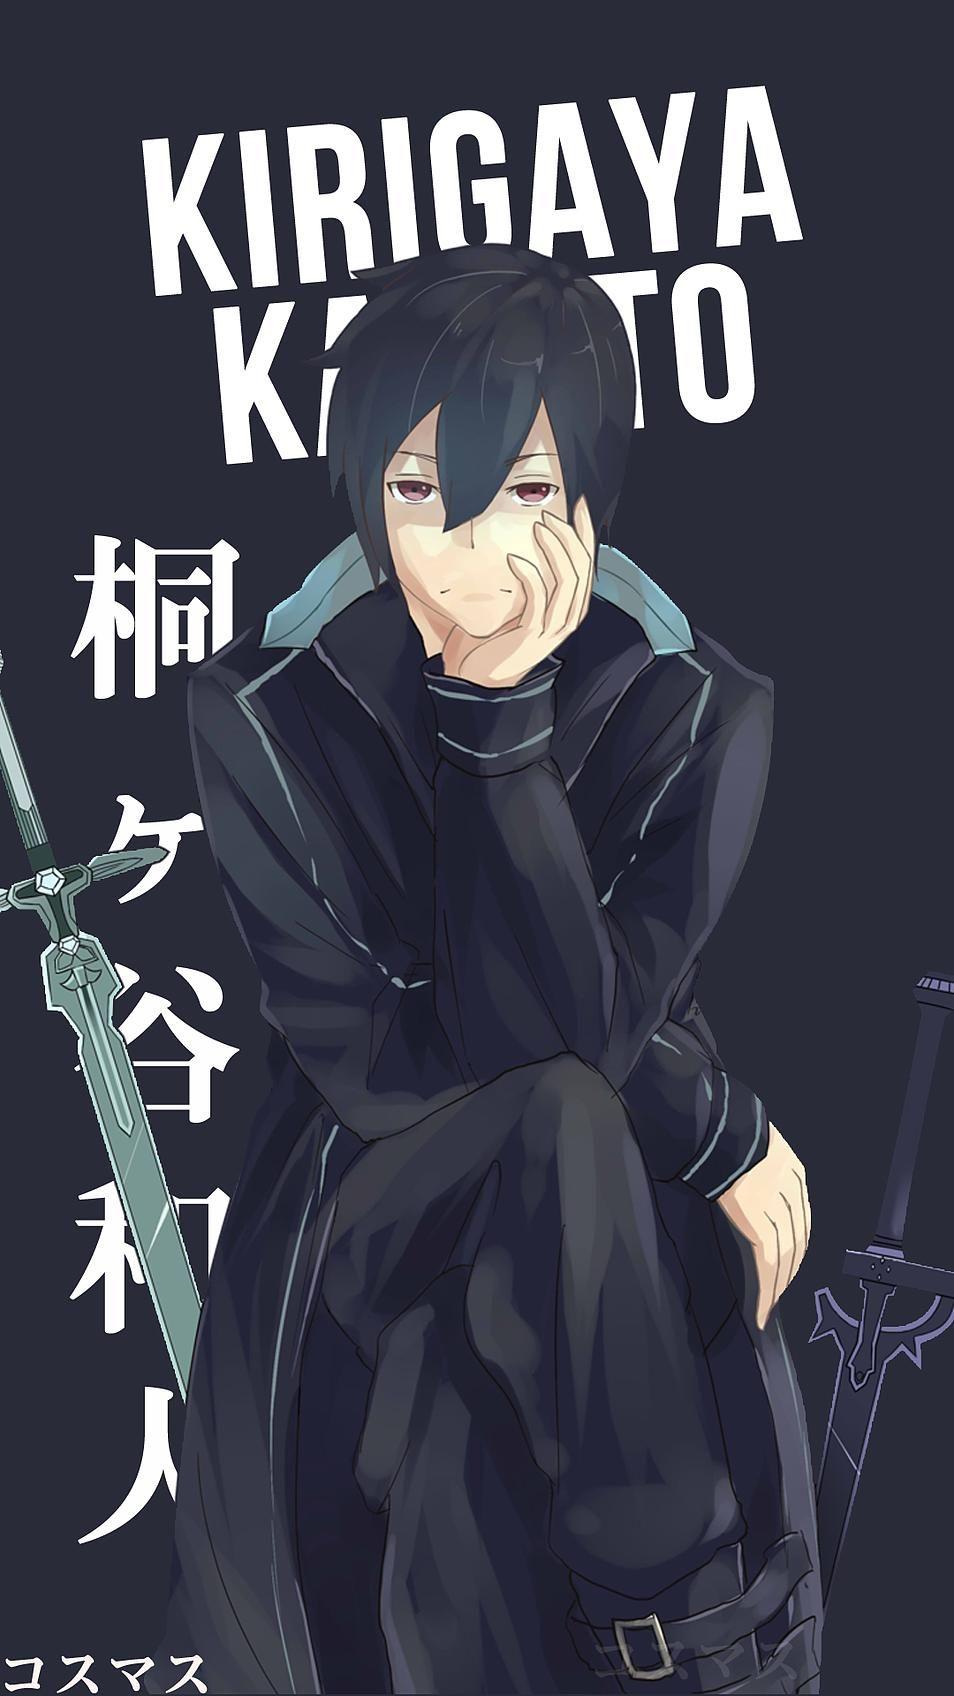 Kirigaya Kazuto Korigengi